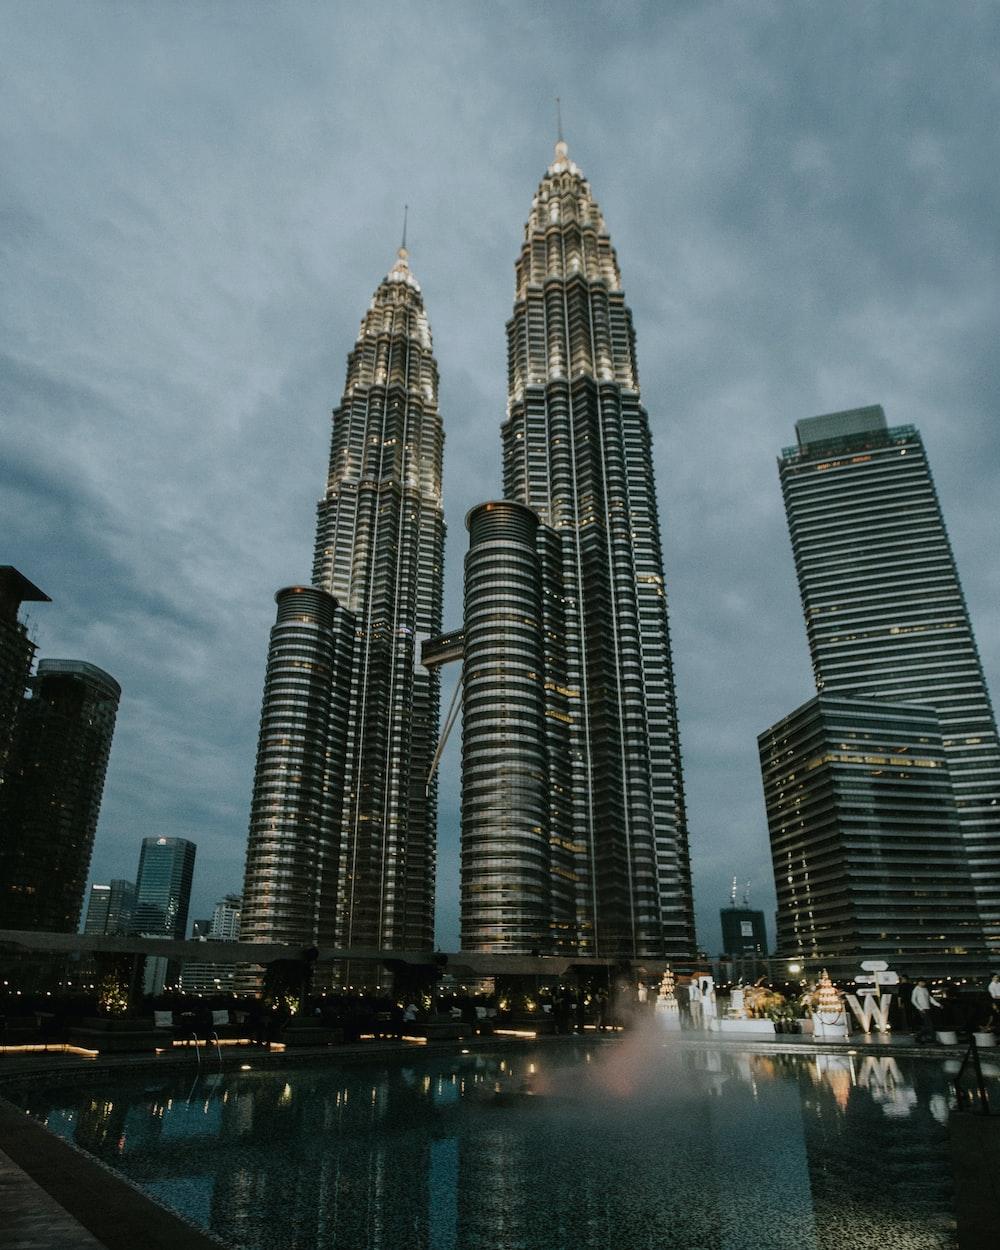 Petronas Tower, Malaysia during night